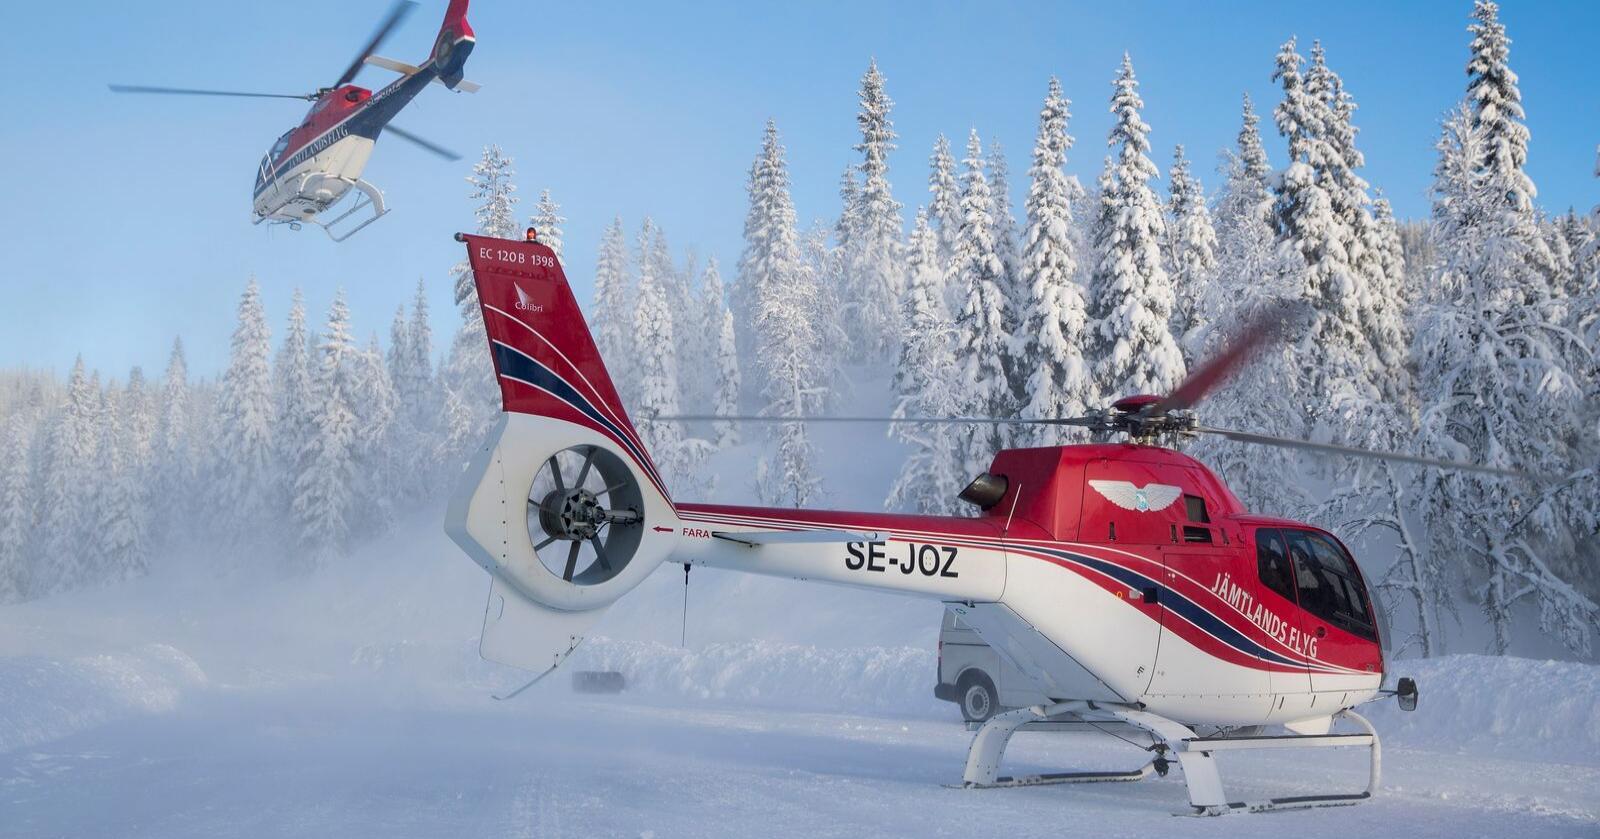 Tall fra Klima- og miljødepartementet viser at det har blitt brukt nesten 12 millioner kroner på helikopter for å ta ut store rovdyr i Norge de siste fem årene. Foto: Tore Meek/NTB